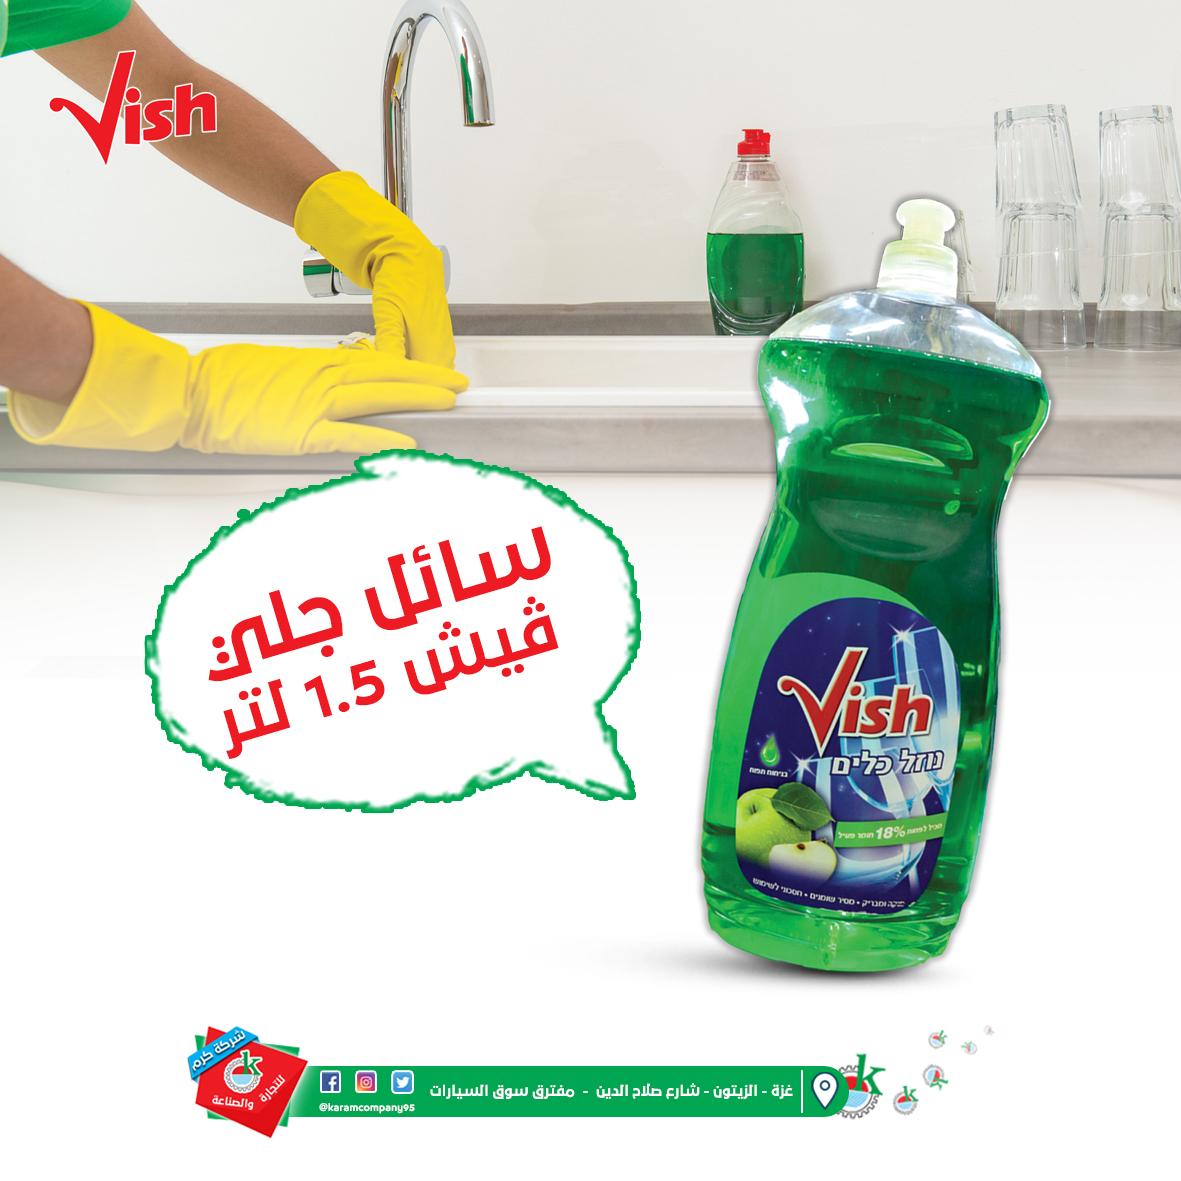 Vish Washing Detergent 1.5 Liter